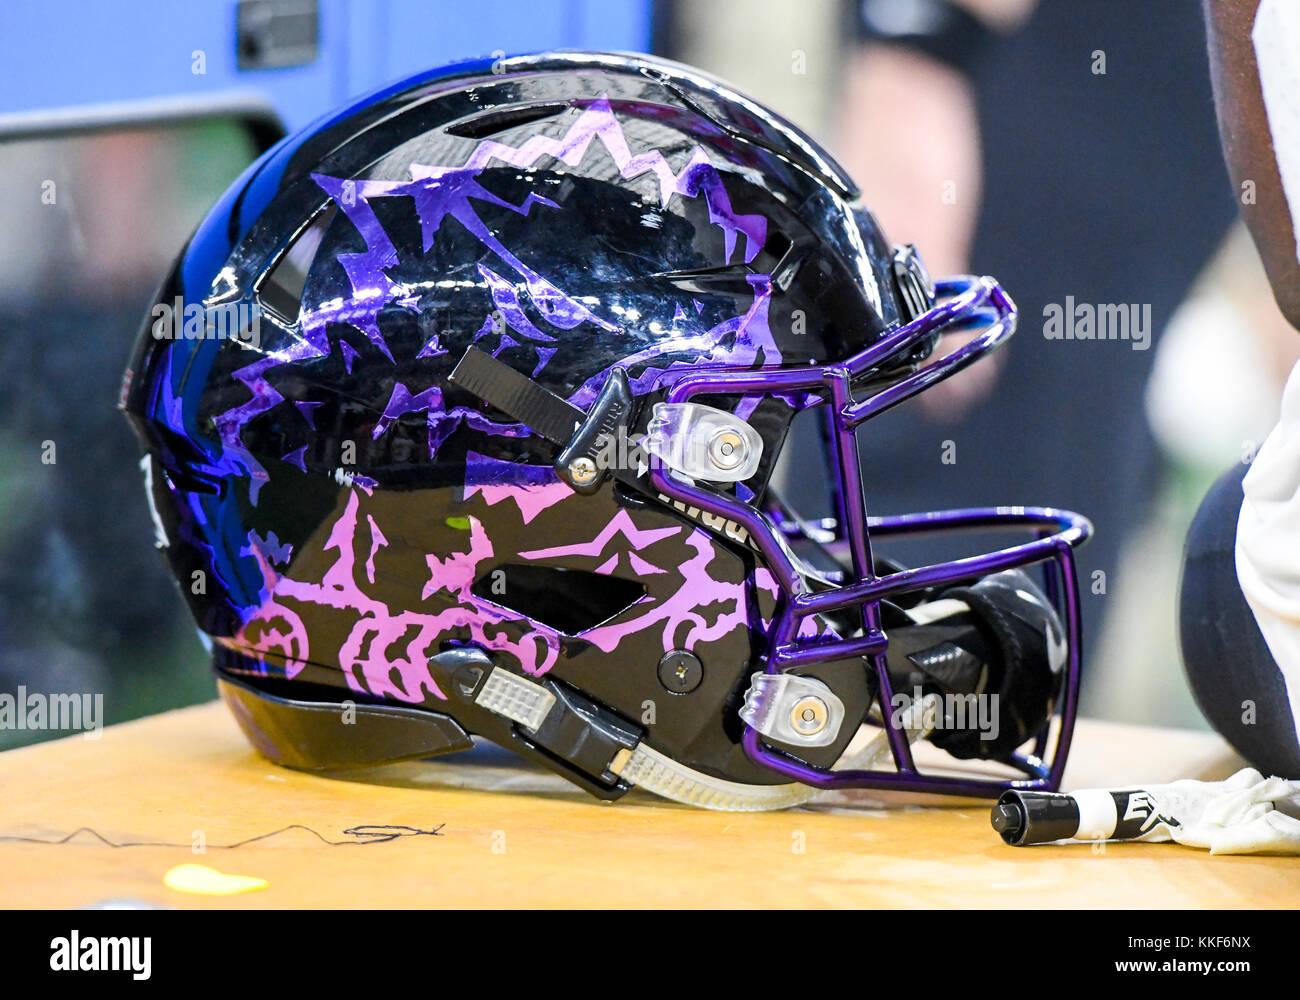 albert helmet stock photos u0026 albert helmet stock images alamy